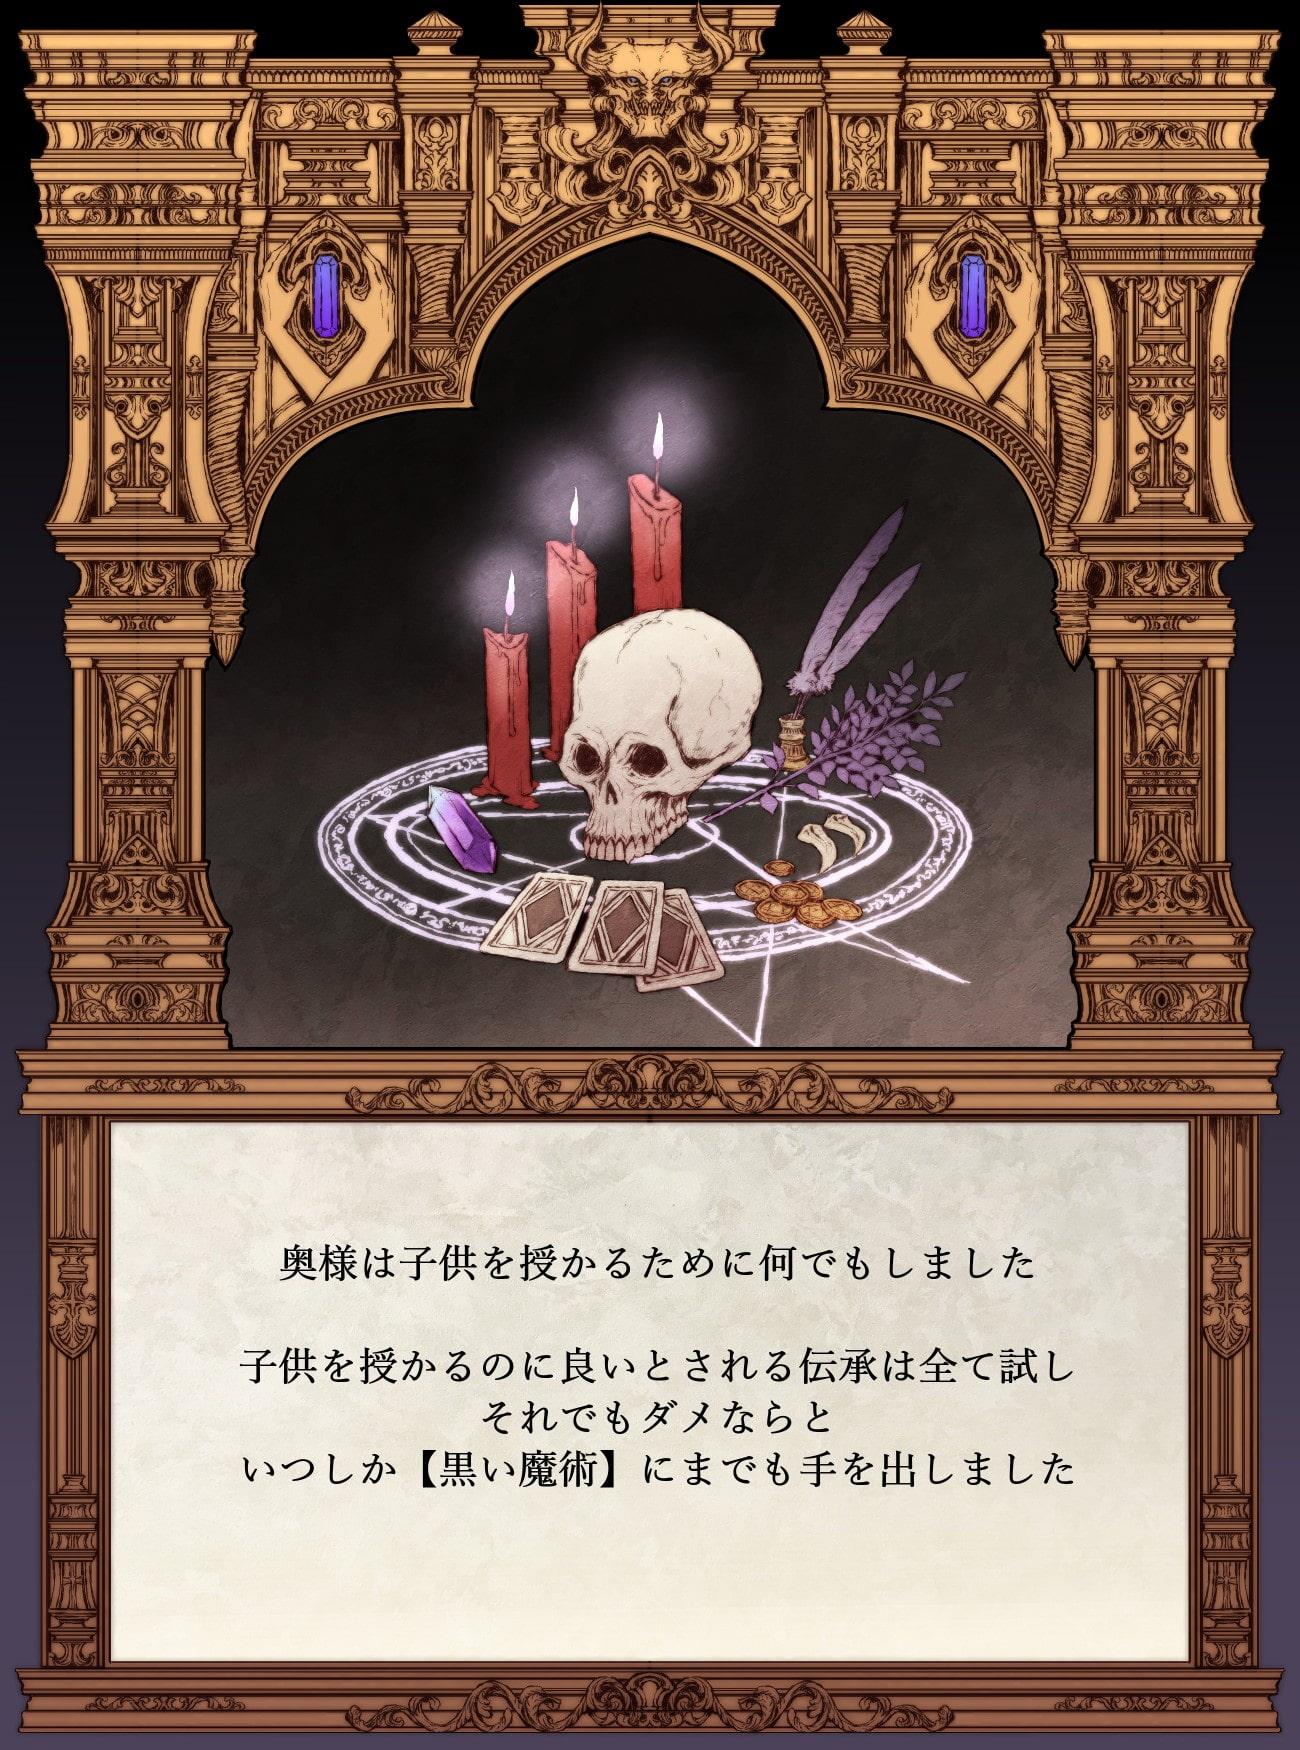 【絵本】クモ男のお話(商品番号:RJ296794)